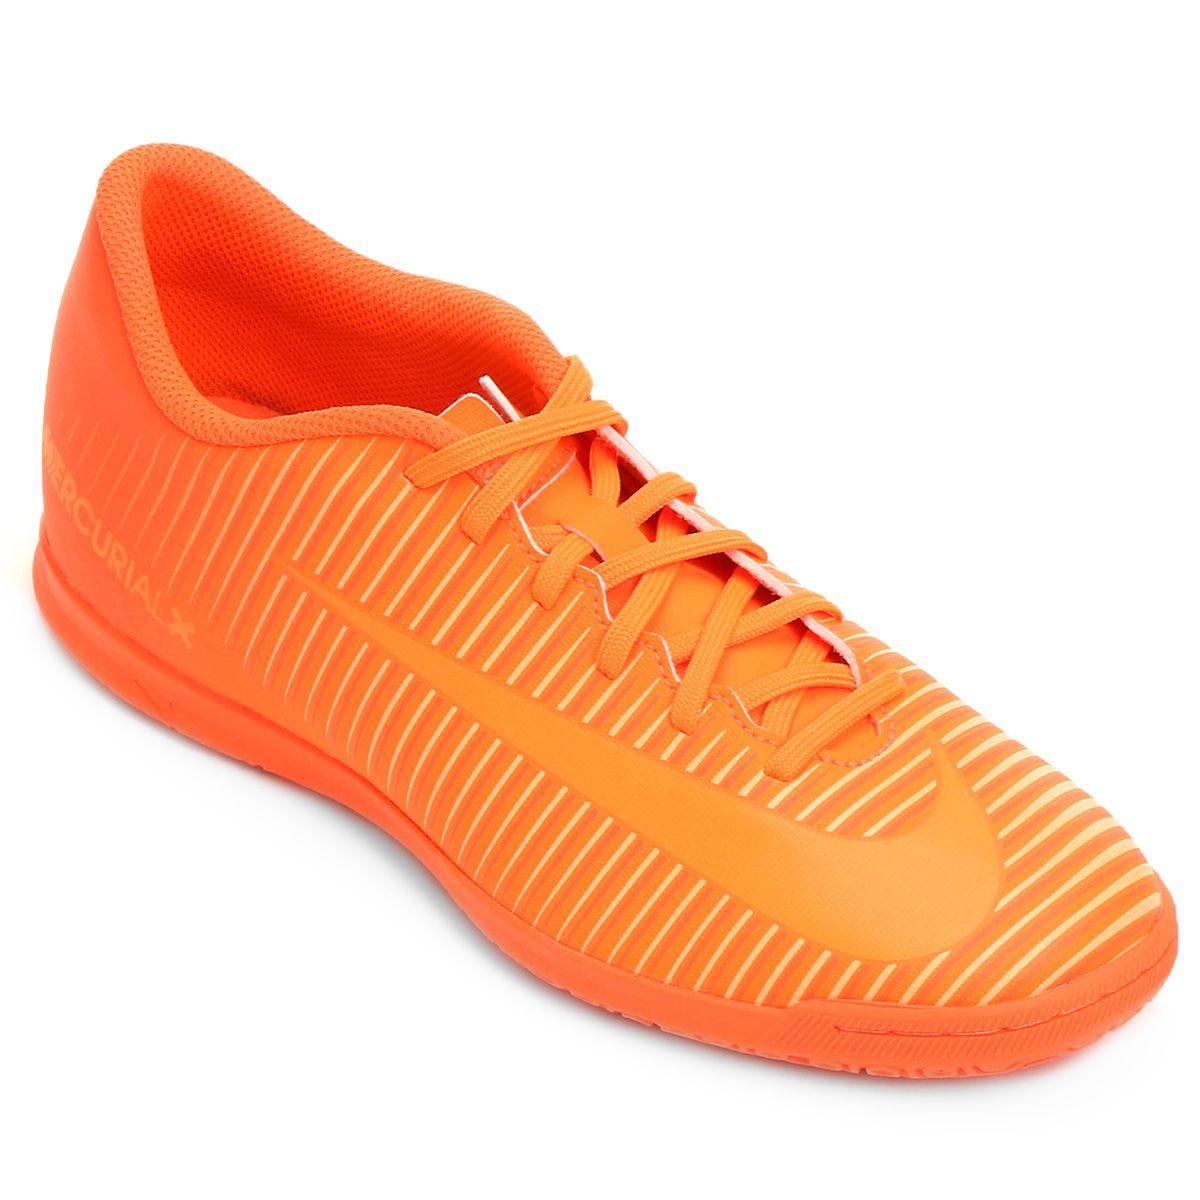 first rate 71c6b 76e51 ... Chuteira Futsal Nike Mercurial Vortex 3 IC Masculina chuteira nike  mercurial superfly 3 real madrid exclusiva Botines Adidas F5 TRX FG -  Netshoes . ...